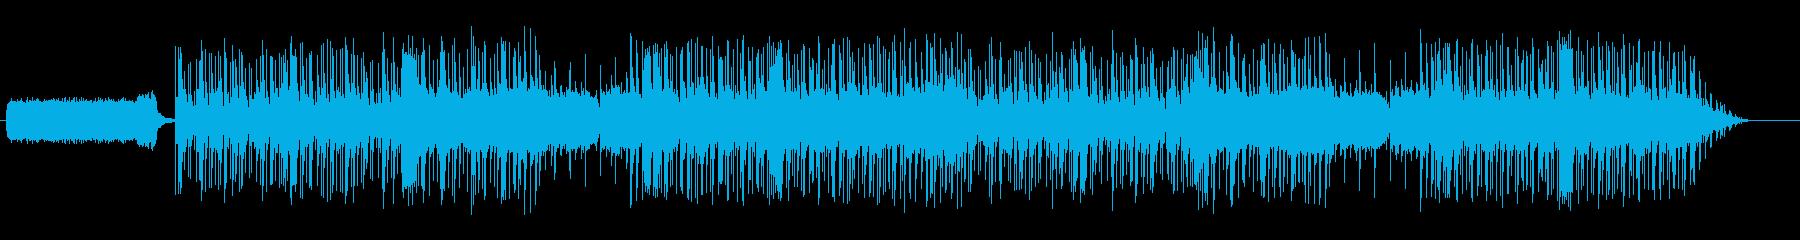 ゴシックホラーゲーム風のループBGMの再生済みの波形